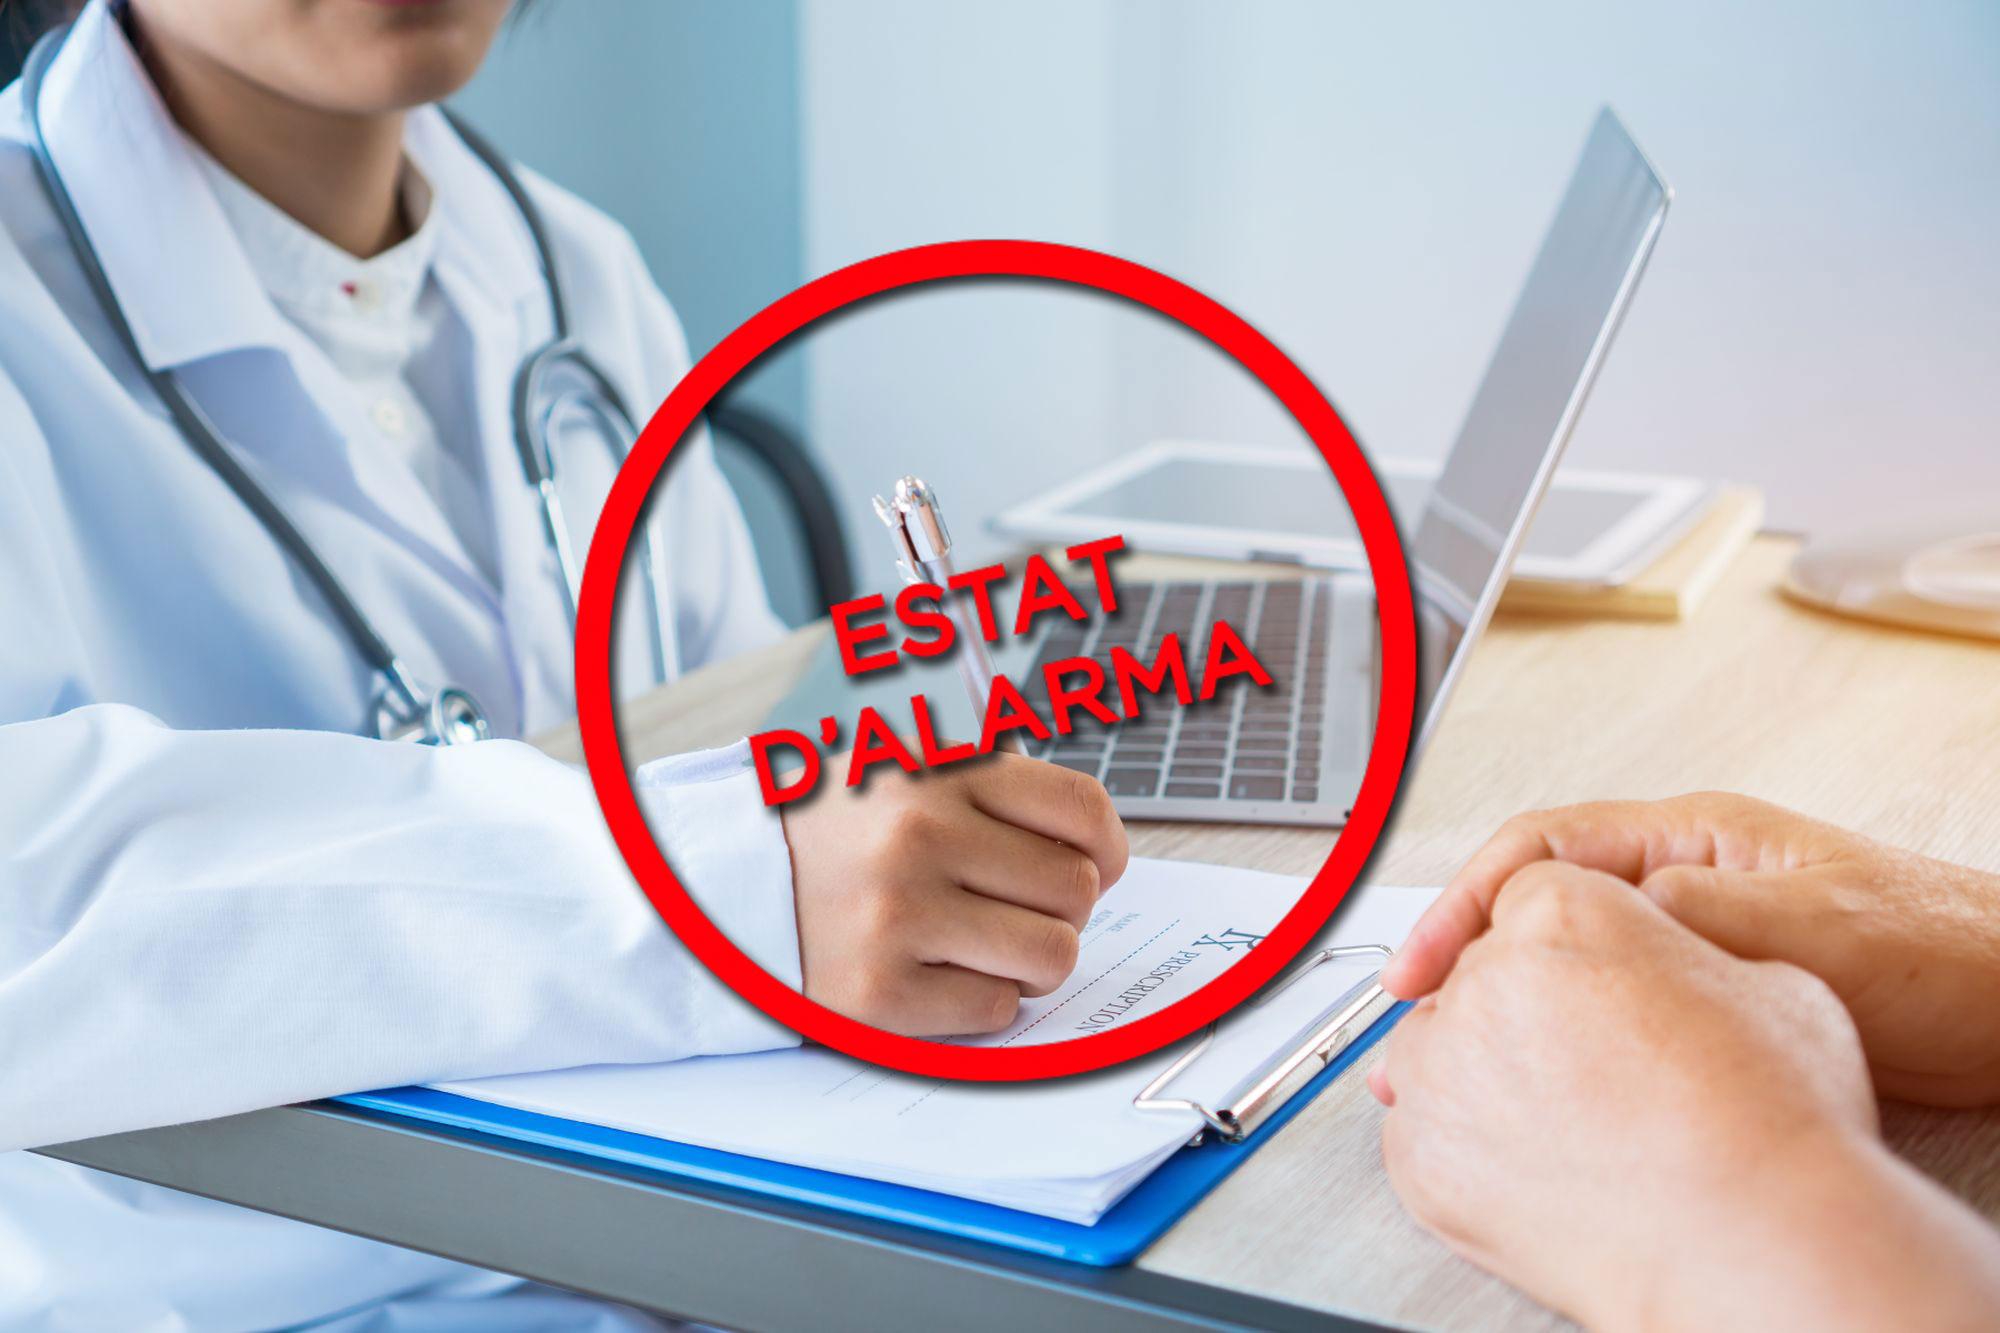 Responsabilitat patrimonial de l'administració en relació a la desatenció amb els malalts durant la pandèmia de l'COVID